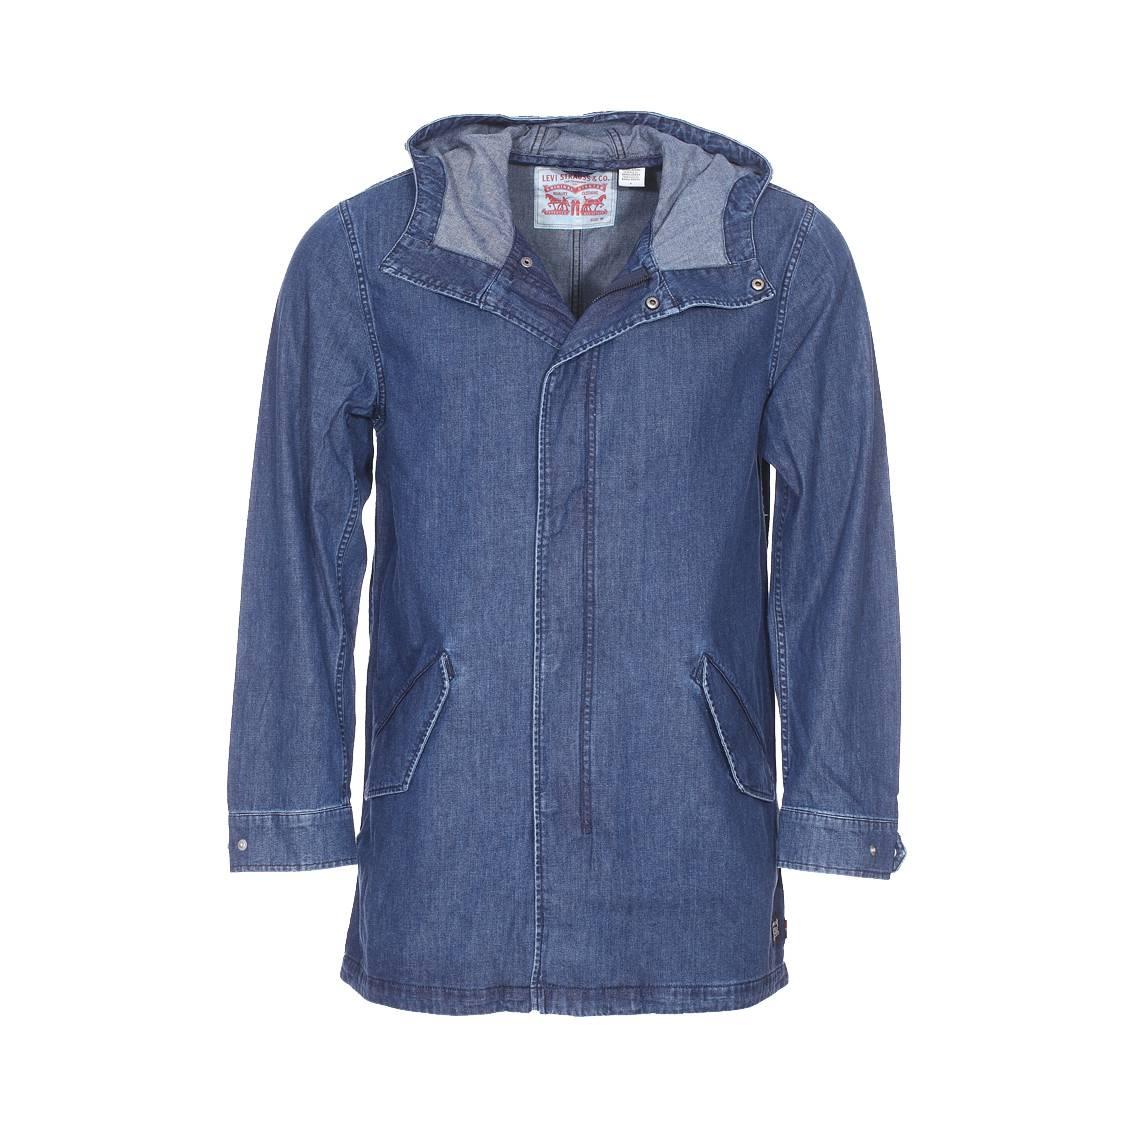 Parka à capuche levi\'s indigo stone fishtail en coton bleu jean